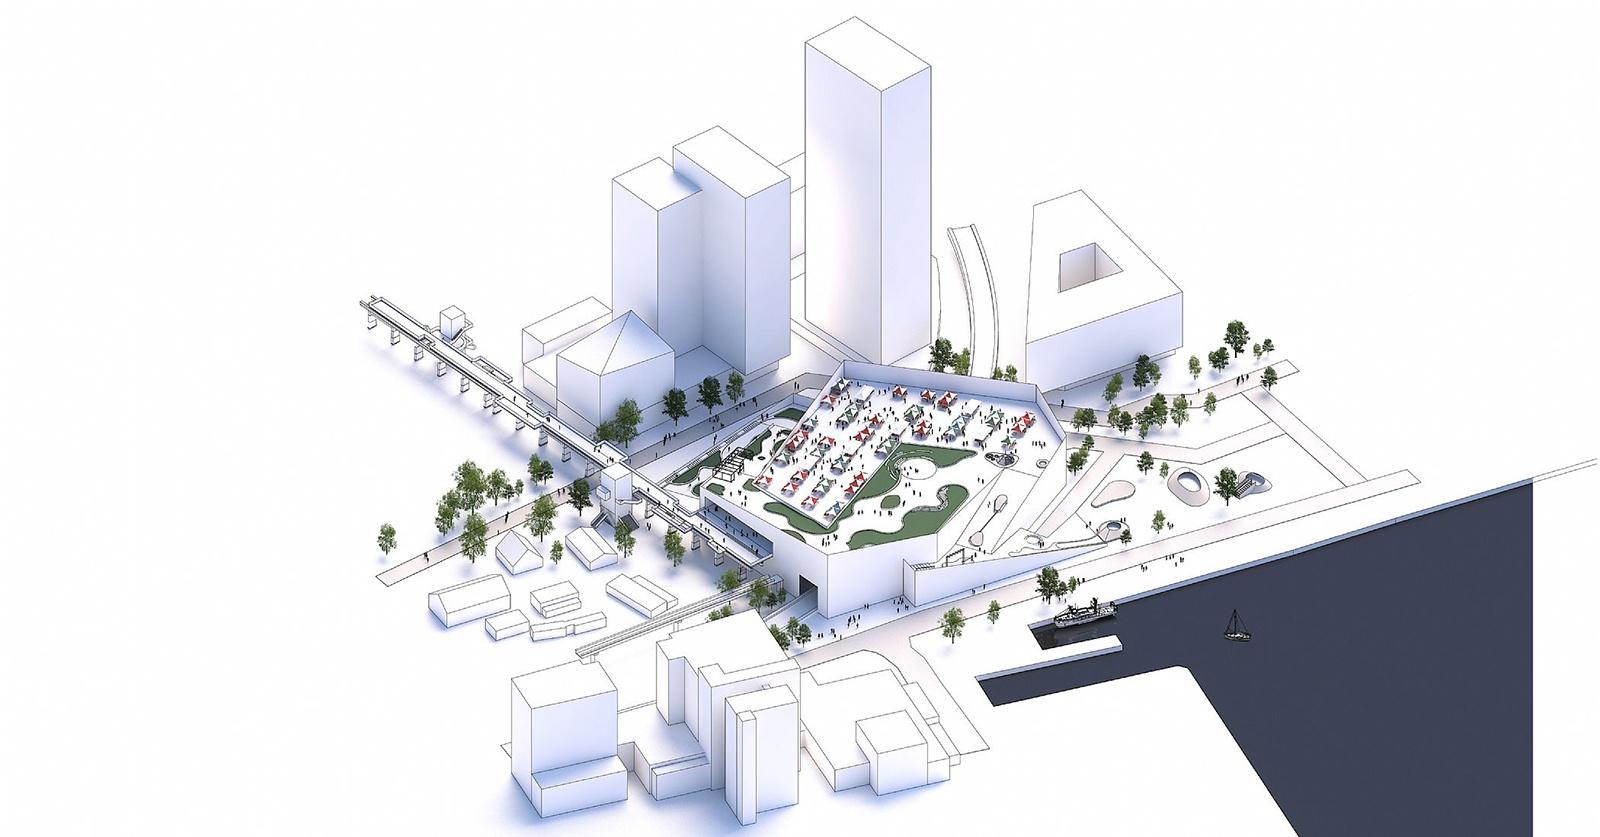 C-F-Moeller-Architects-og-Nordland-Arkitekter-og-vinder-opgaven-om-nyt-parkerings-og-aktivitetshus-i-img-10618-w2100-h1099